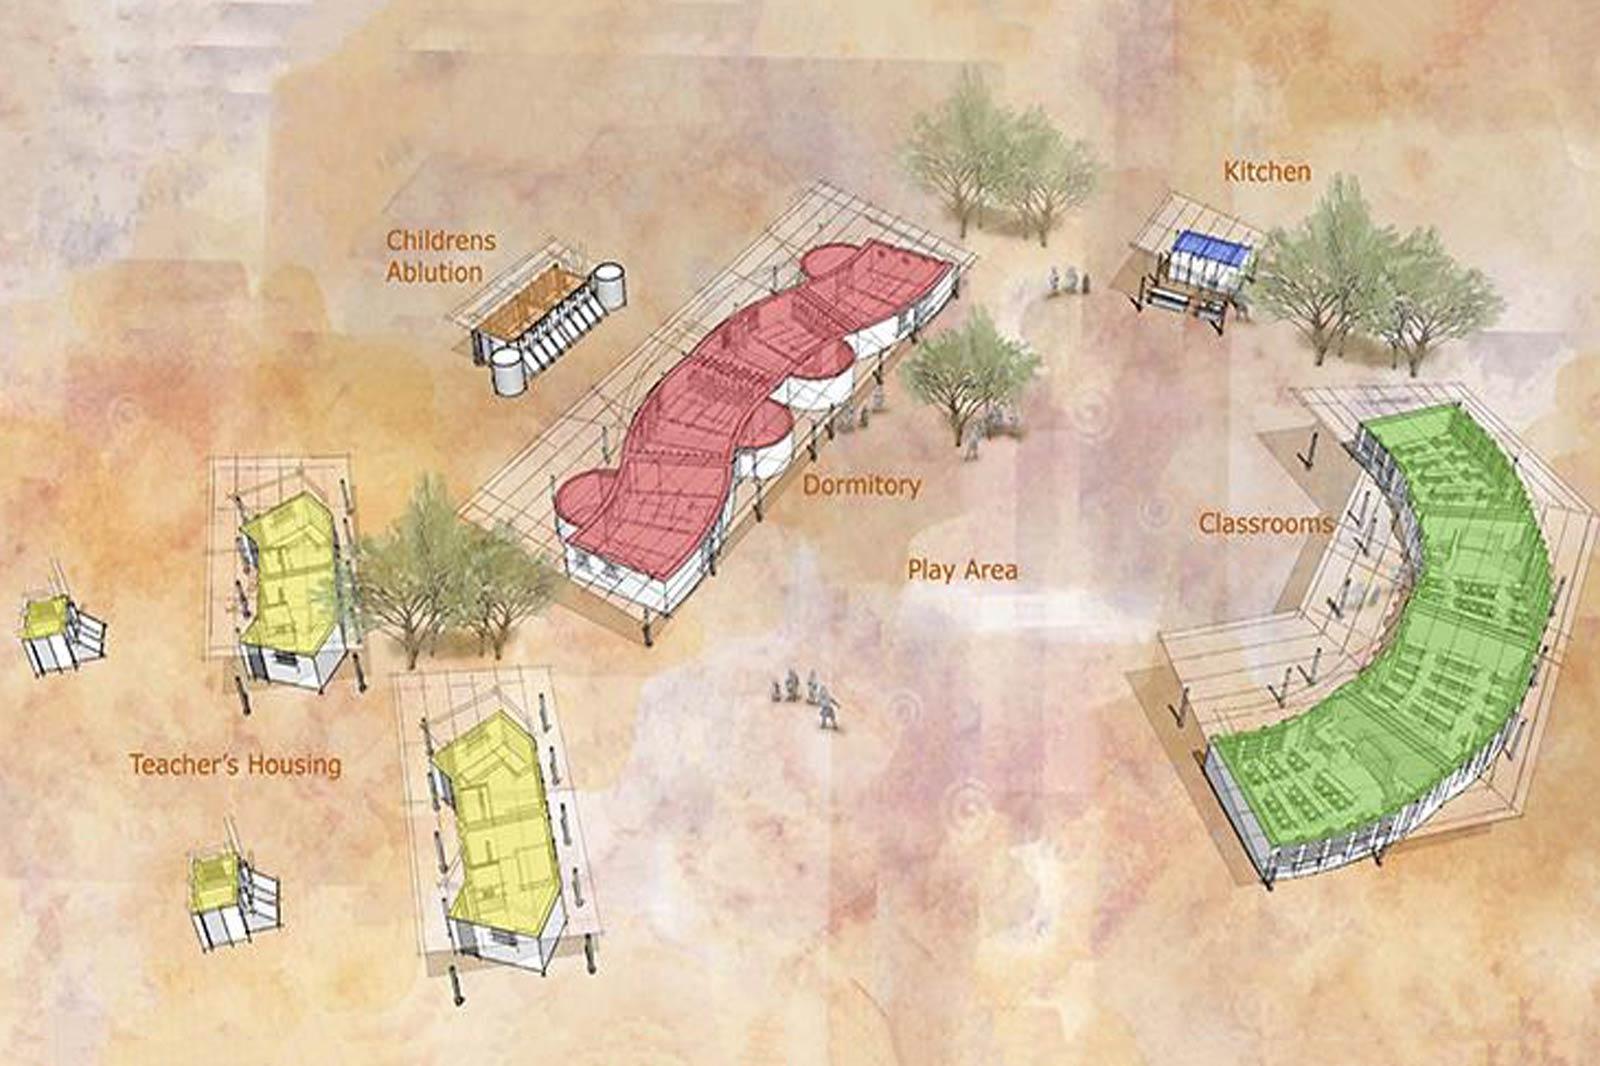 Proyecto de construcción en Namibia